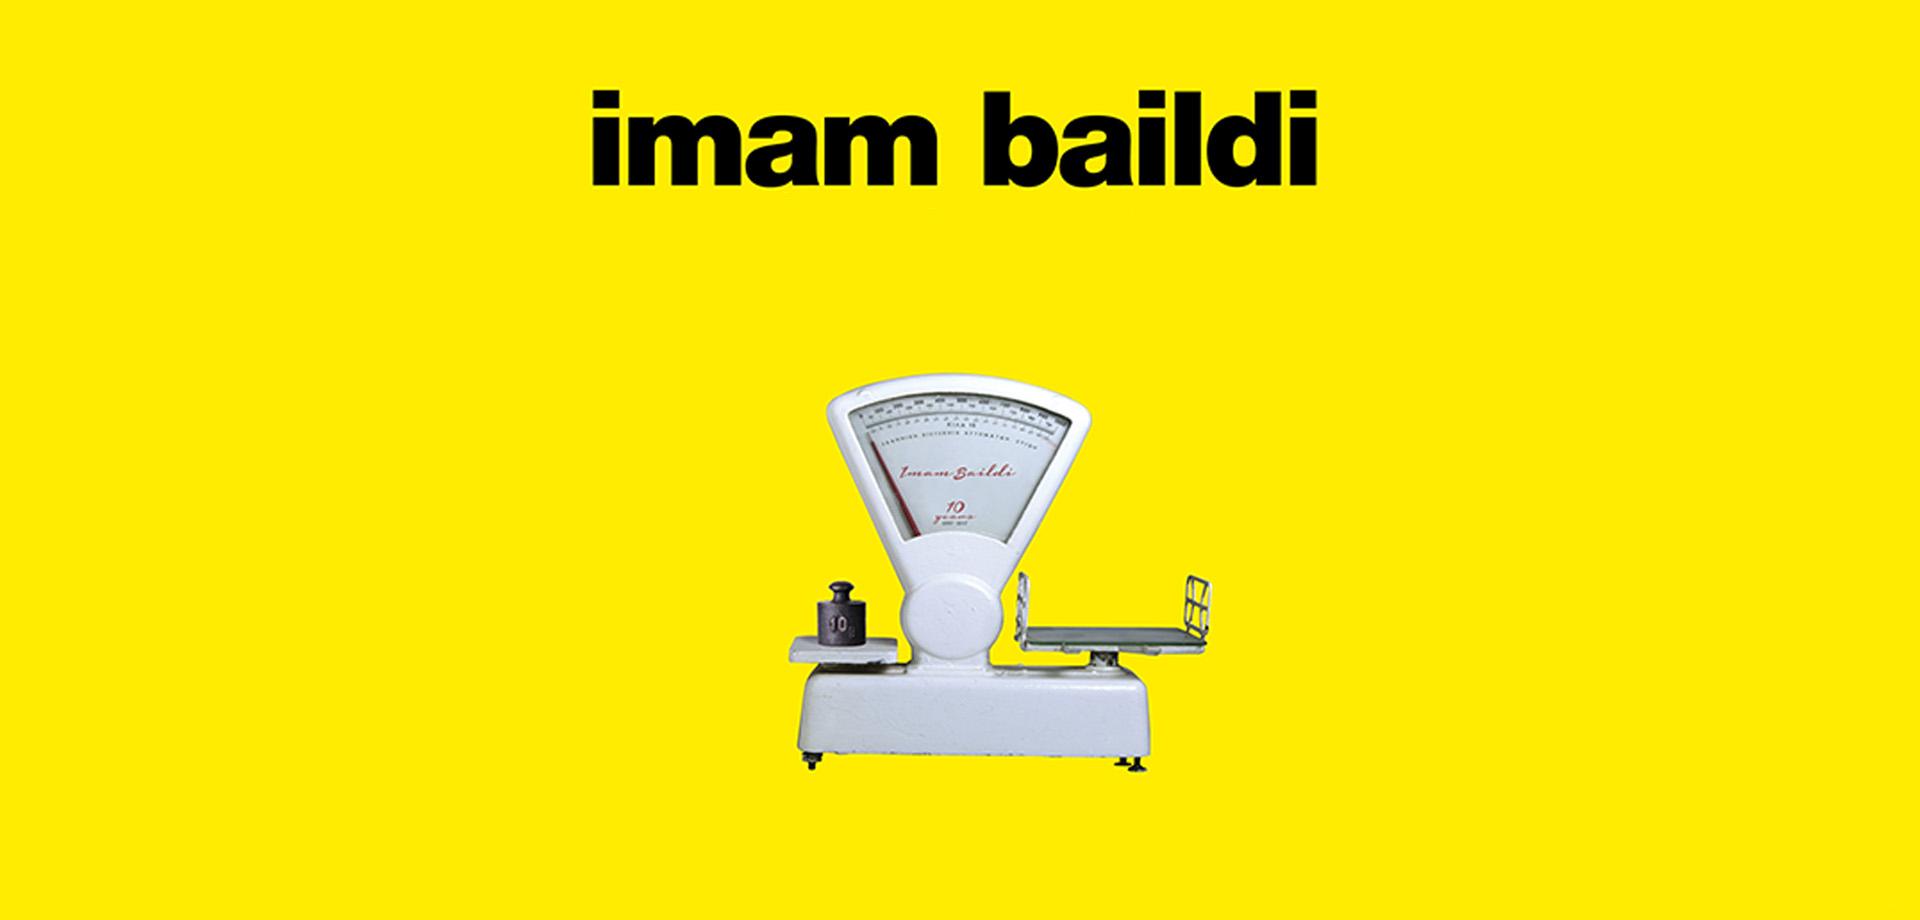 Oι Imam Baildi γιορτάζουν τα 10α γενέθλιά τους με μία συναυλία